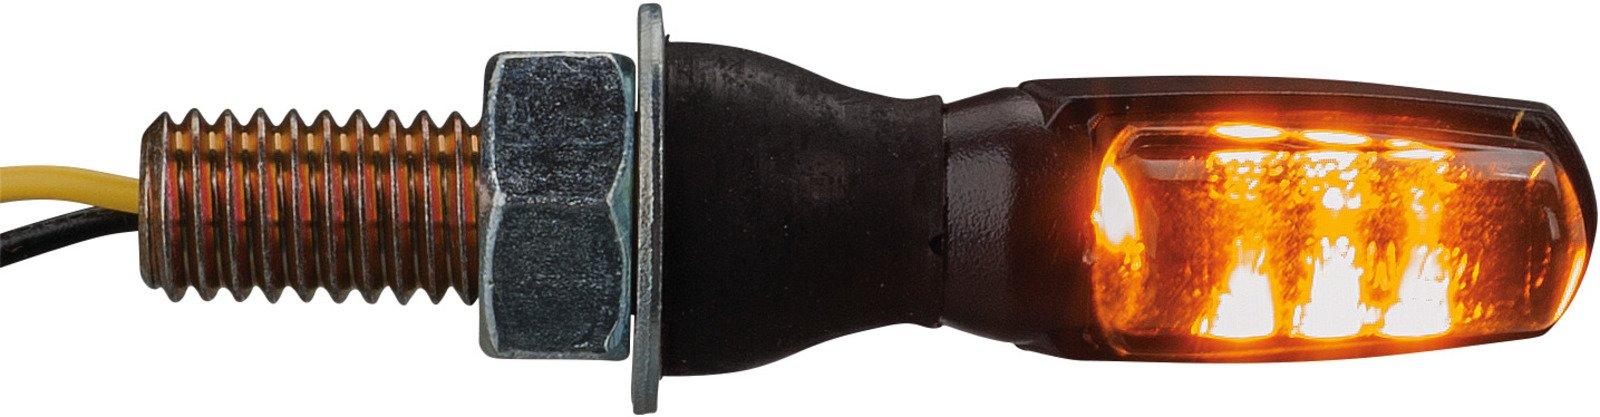 Smoke Lens LED Micro Turn Signal Set For Yamaha MT-07 XSR700 41685